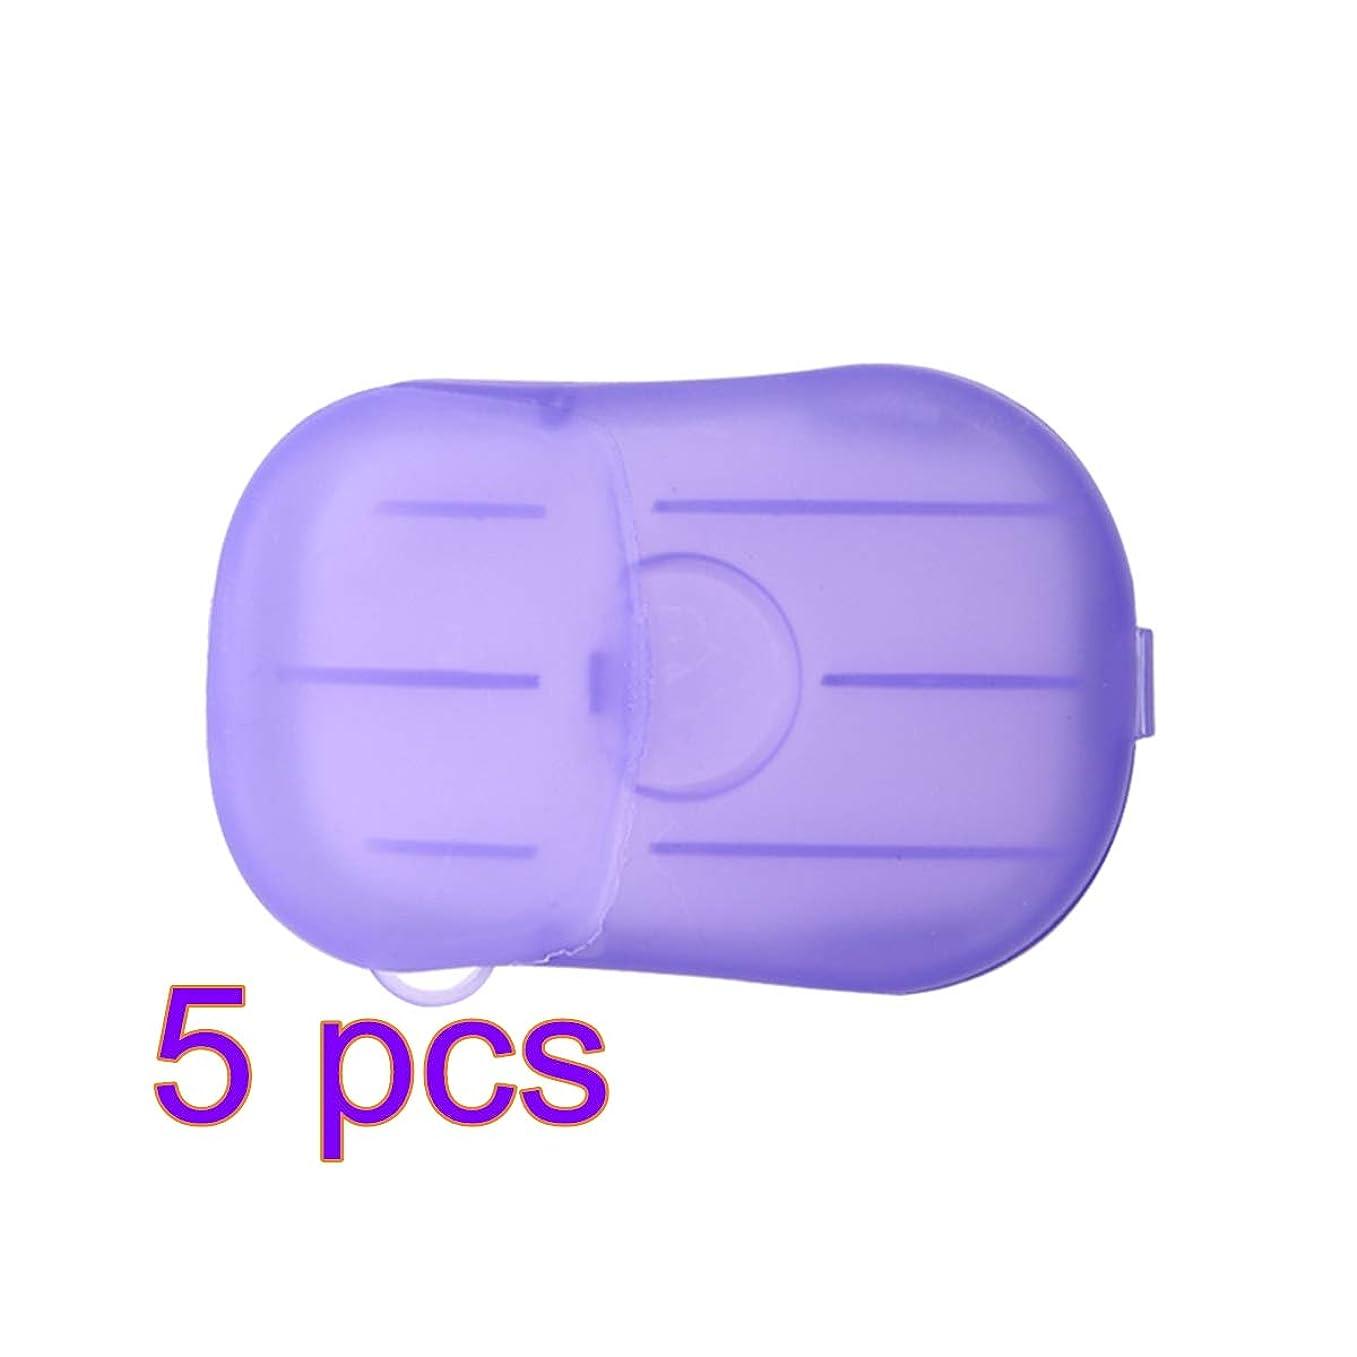 無線ハウジング同行するLIOOBO 5セットポータブルソープペーパー使い捨て手洗いペーパーソープスライスシーツ子供用大人トイレ旅行屋外用(パープル)